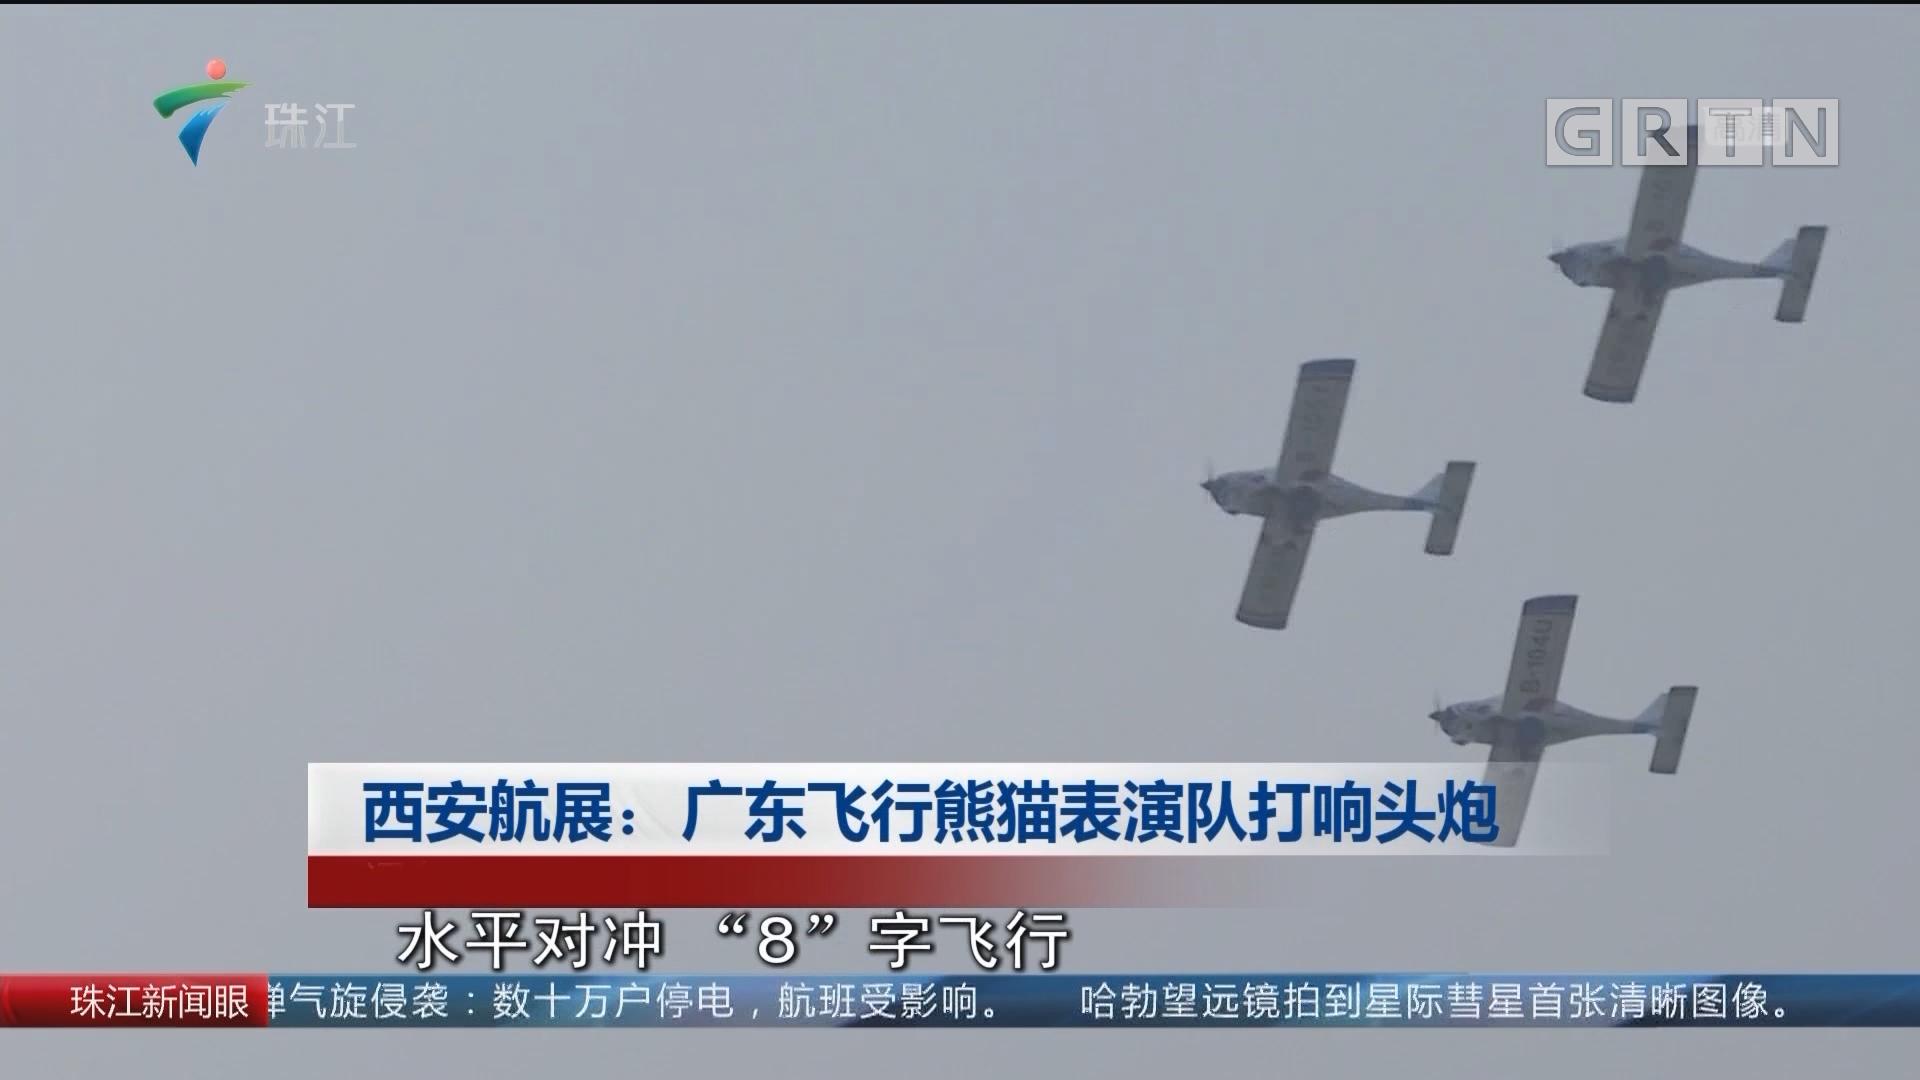 西安航展:广东飞行熊猫表演队打响头炮